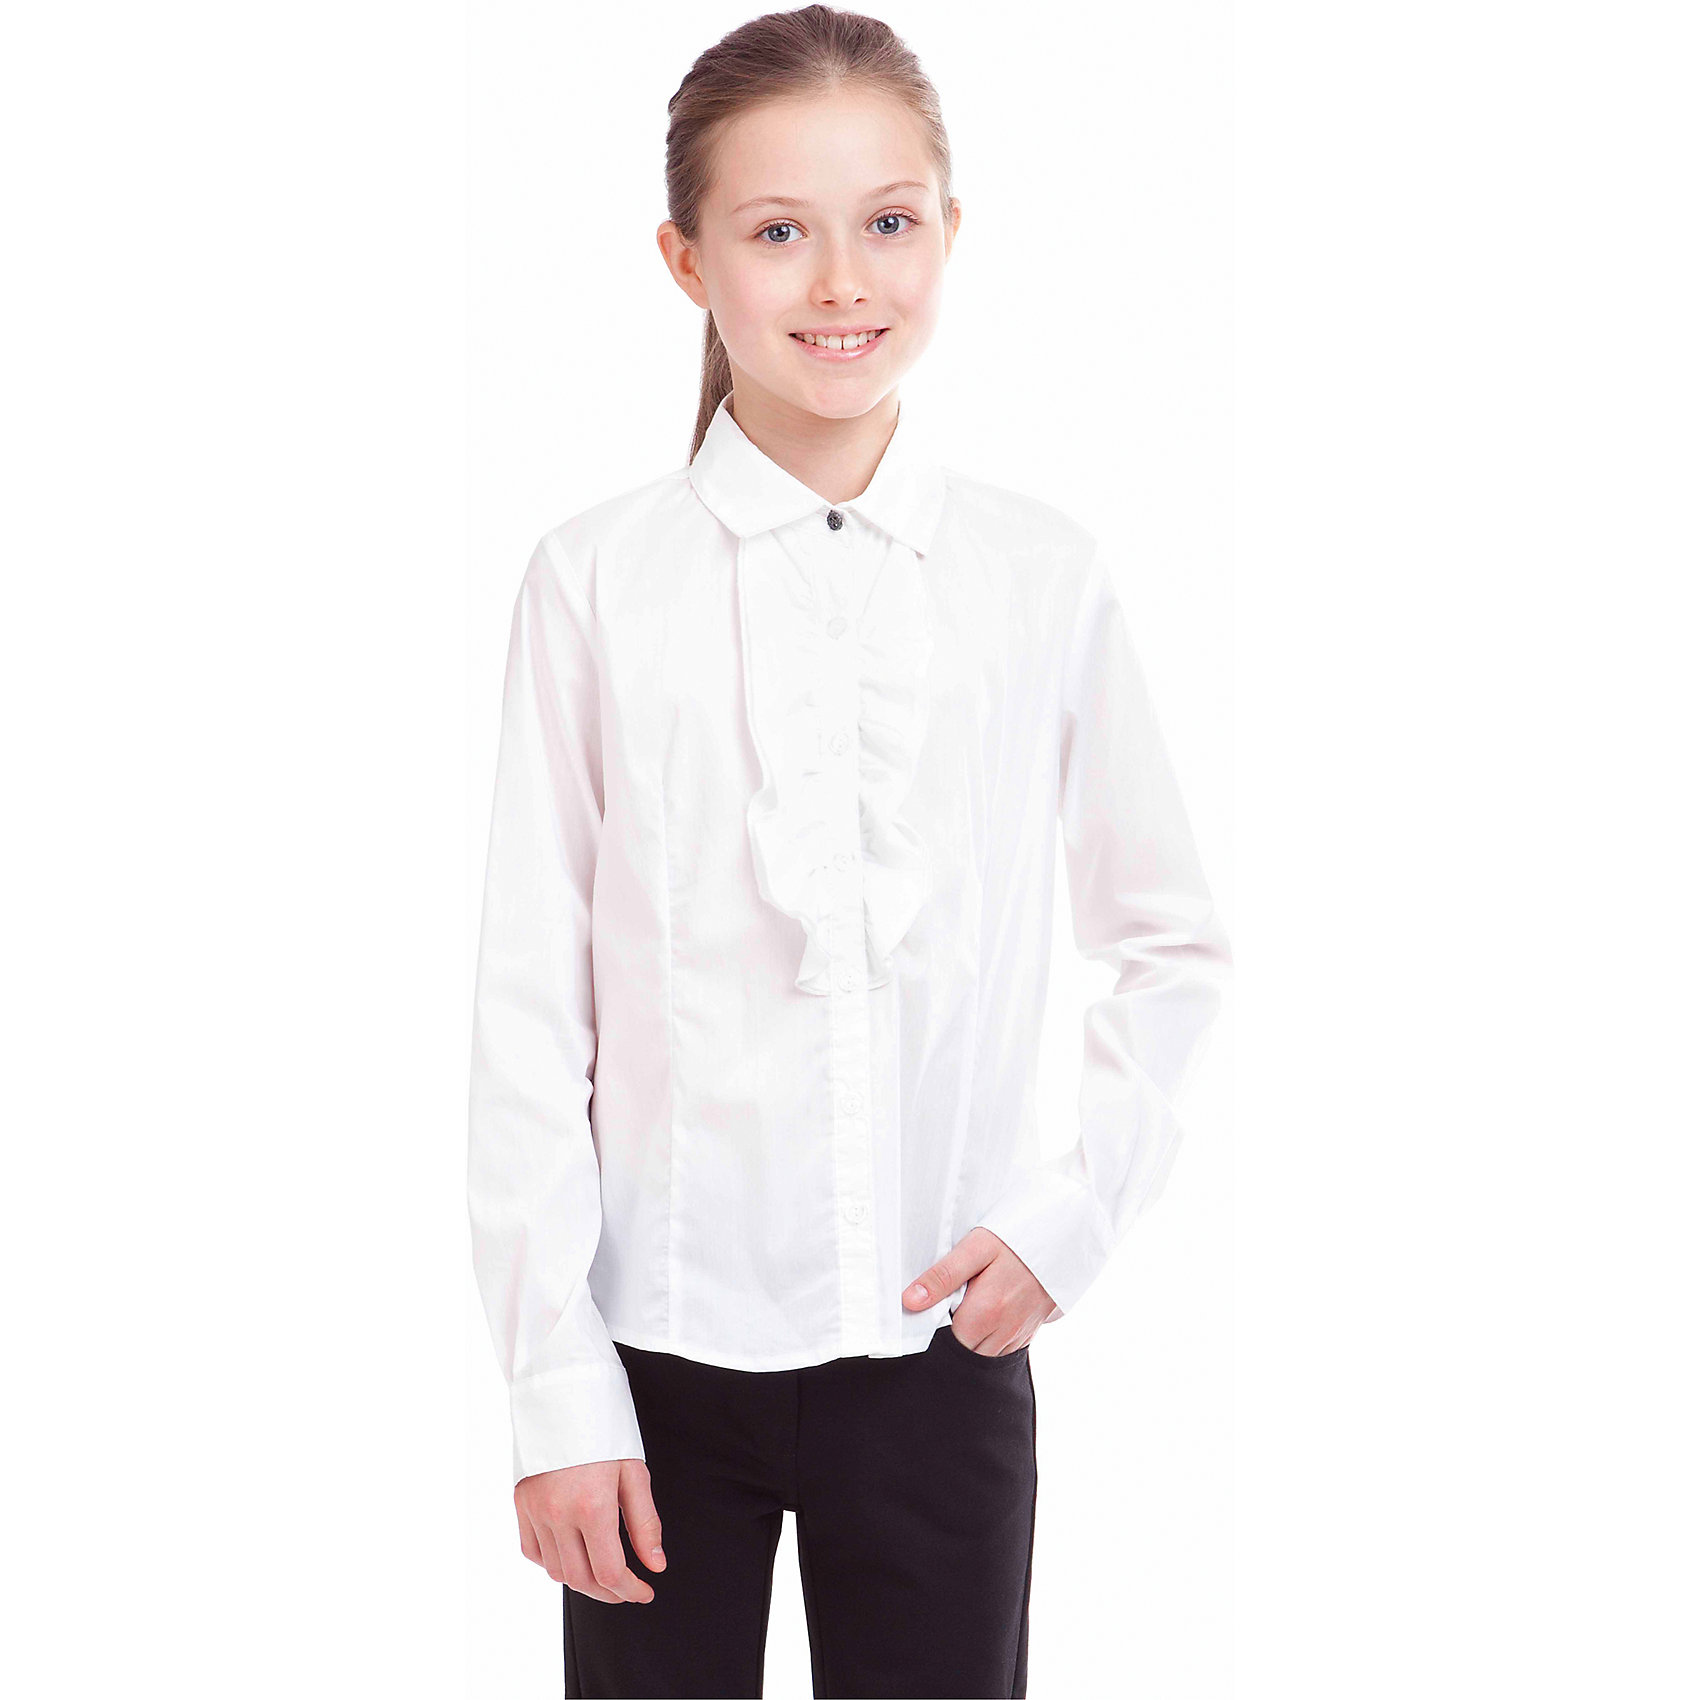 Блузка для девочки GulliverБлузки и рубашки<br>Блузка для девочки от российской марки Gulliver.<br>Великолепная белая блузка с массивной рюшей, дополненной кружевом - прекрасный вариант для торжественных мероприятий. В составе ткани значительное содержание хлопка. Полиэстер и эластан играют роль смягчающего волокна и гарантируют комфортную посадку блузки на фигуре.<br>Состав:<br>63%хлопок, 35%нейлон, 2%эластан<br><br>Ширина мм: 186<br>Глубина мм: 87<br>Высота мм: 198<br>Вес г: 197<br>Цвет: белый<br>Возраст от месяцев: 132<br>Возраст до месяцев: 144<br>Пол: Женский<br>Возраст: Детский<br>Размер: 128,158,146,152,140,134,122<br>SKU: 4174736